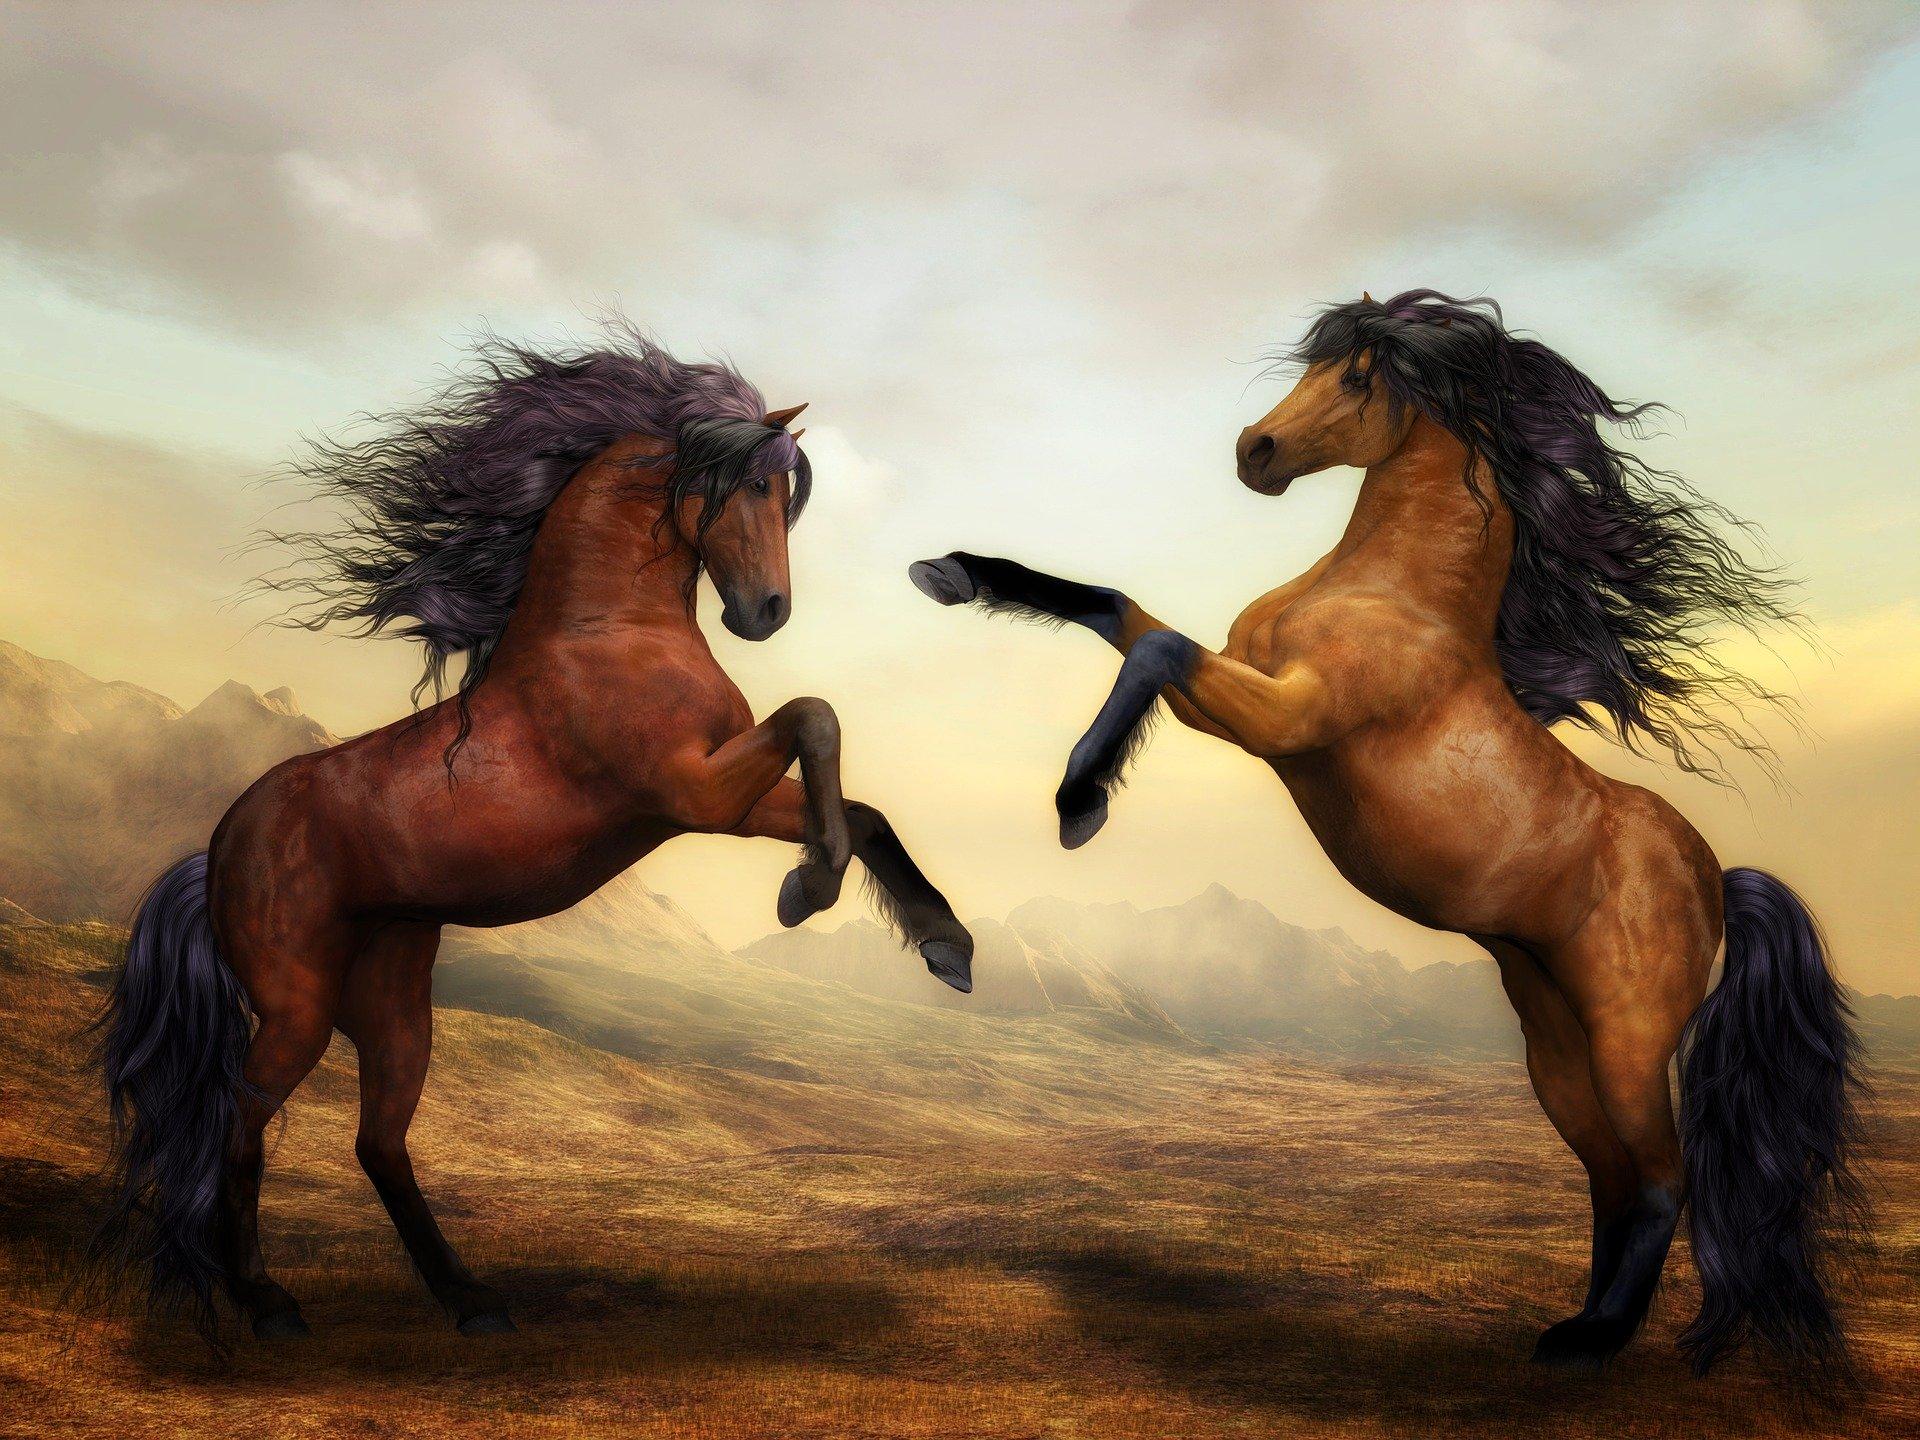 馬が合う馬が会っている様子